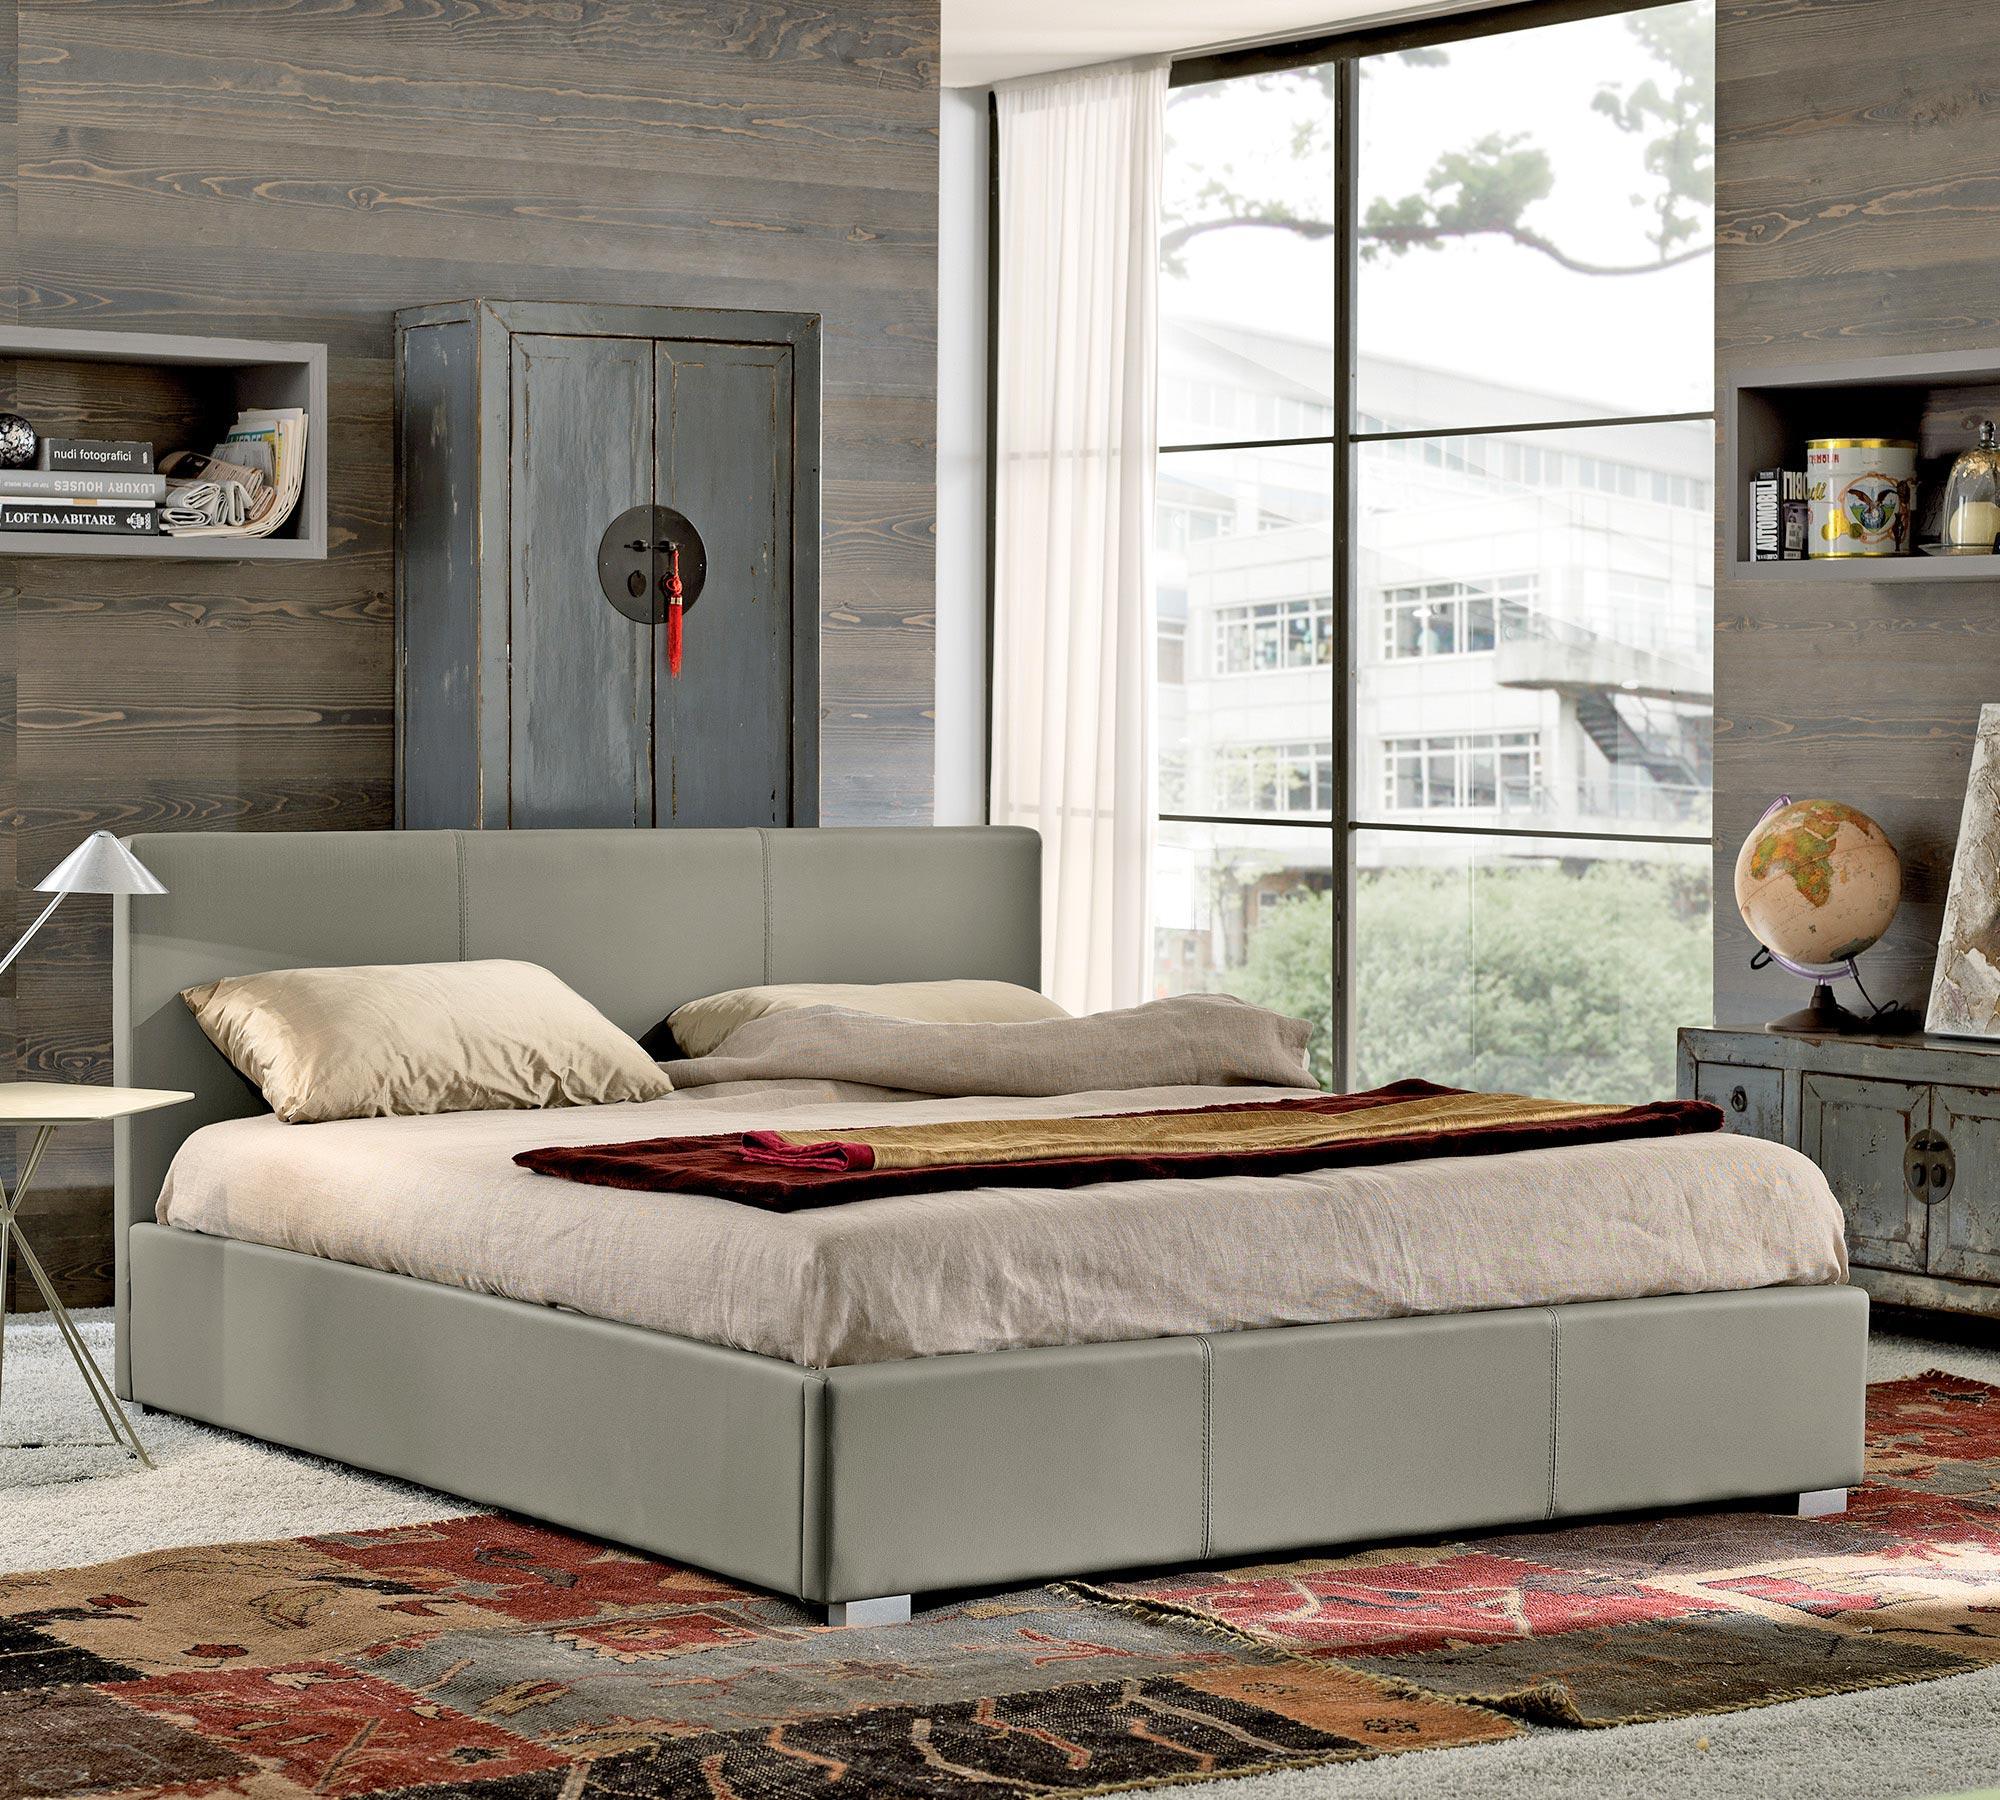 Emejing Letto Stone Mondo Convenienza Gallery - Home Design Ideas ...